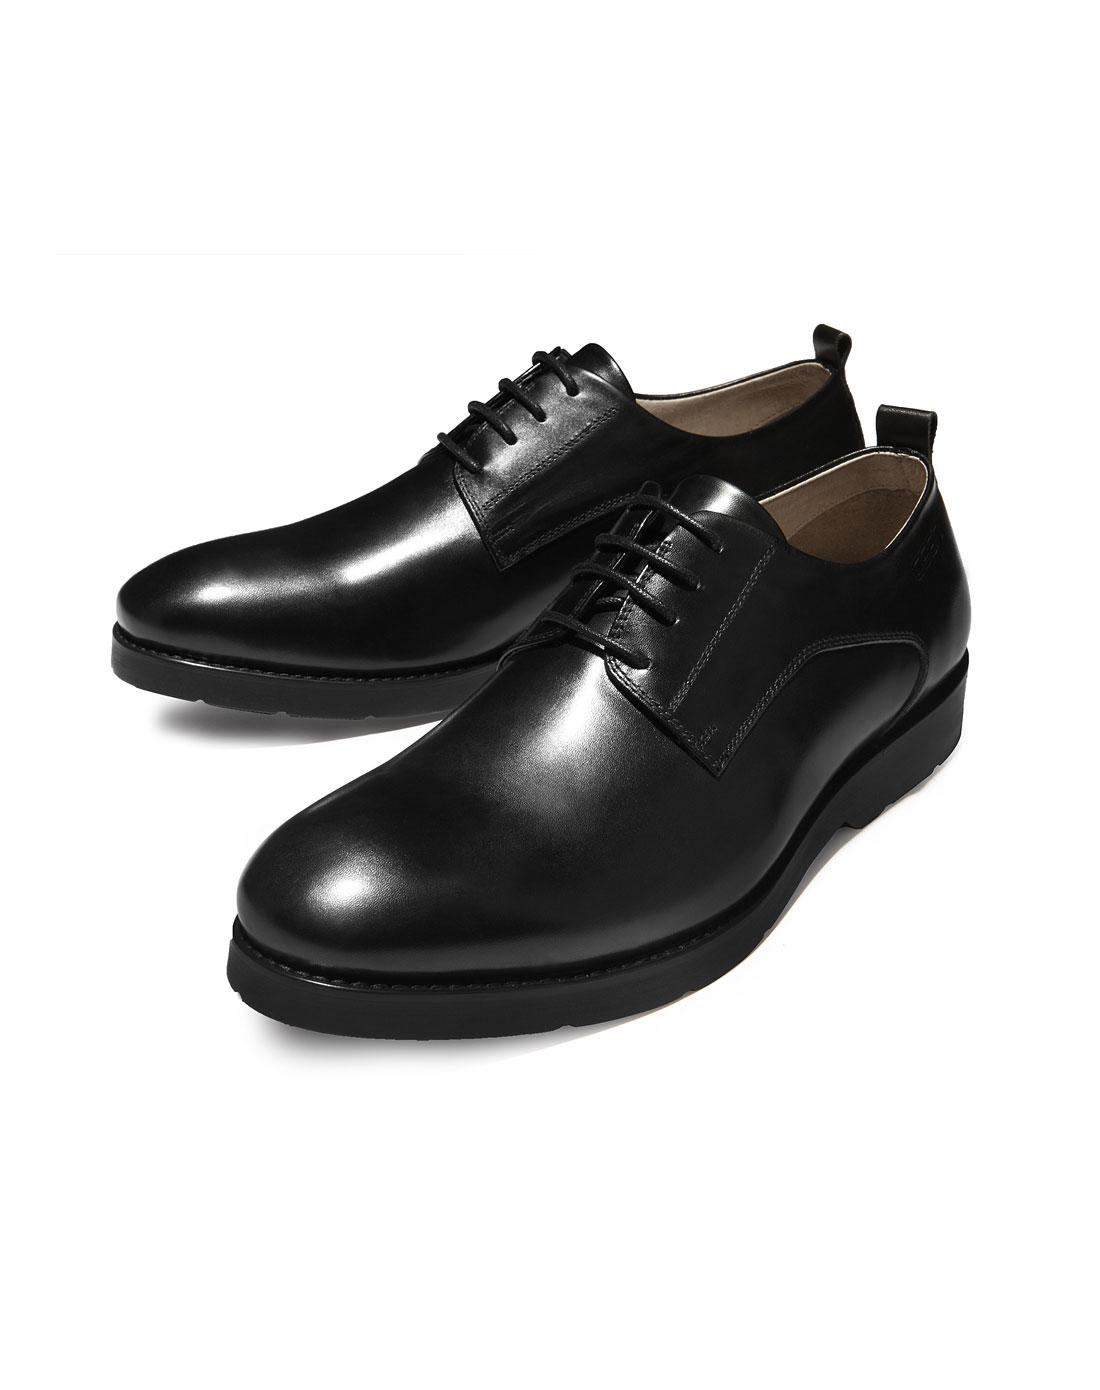 季高档高档真皮鞋正品牌子名牌价格质量 哪个牌子比较